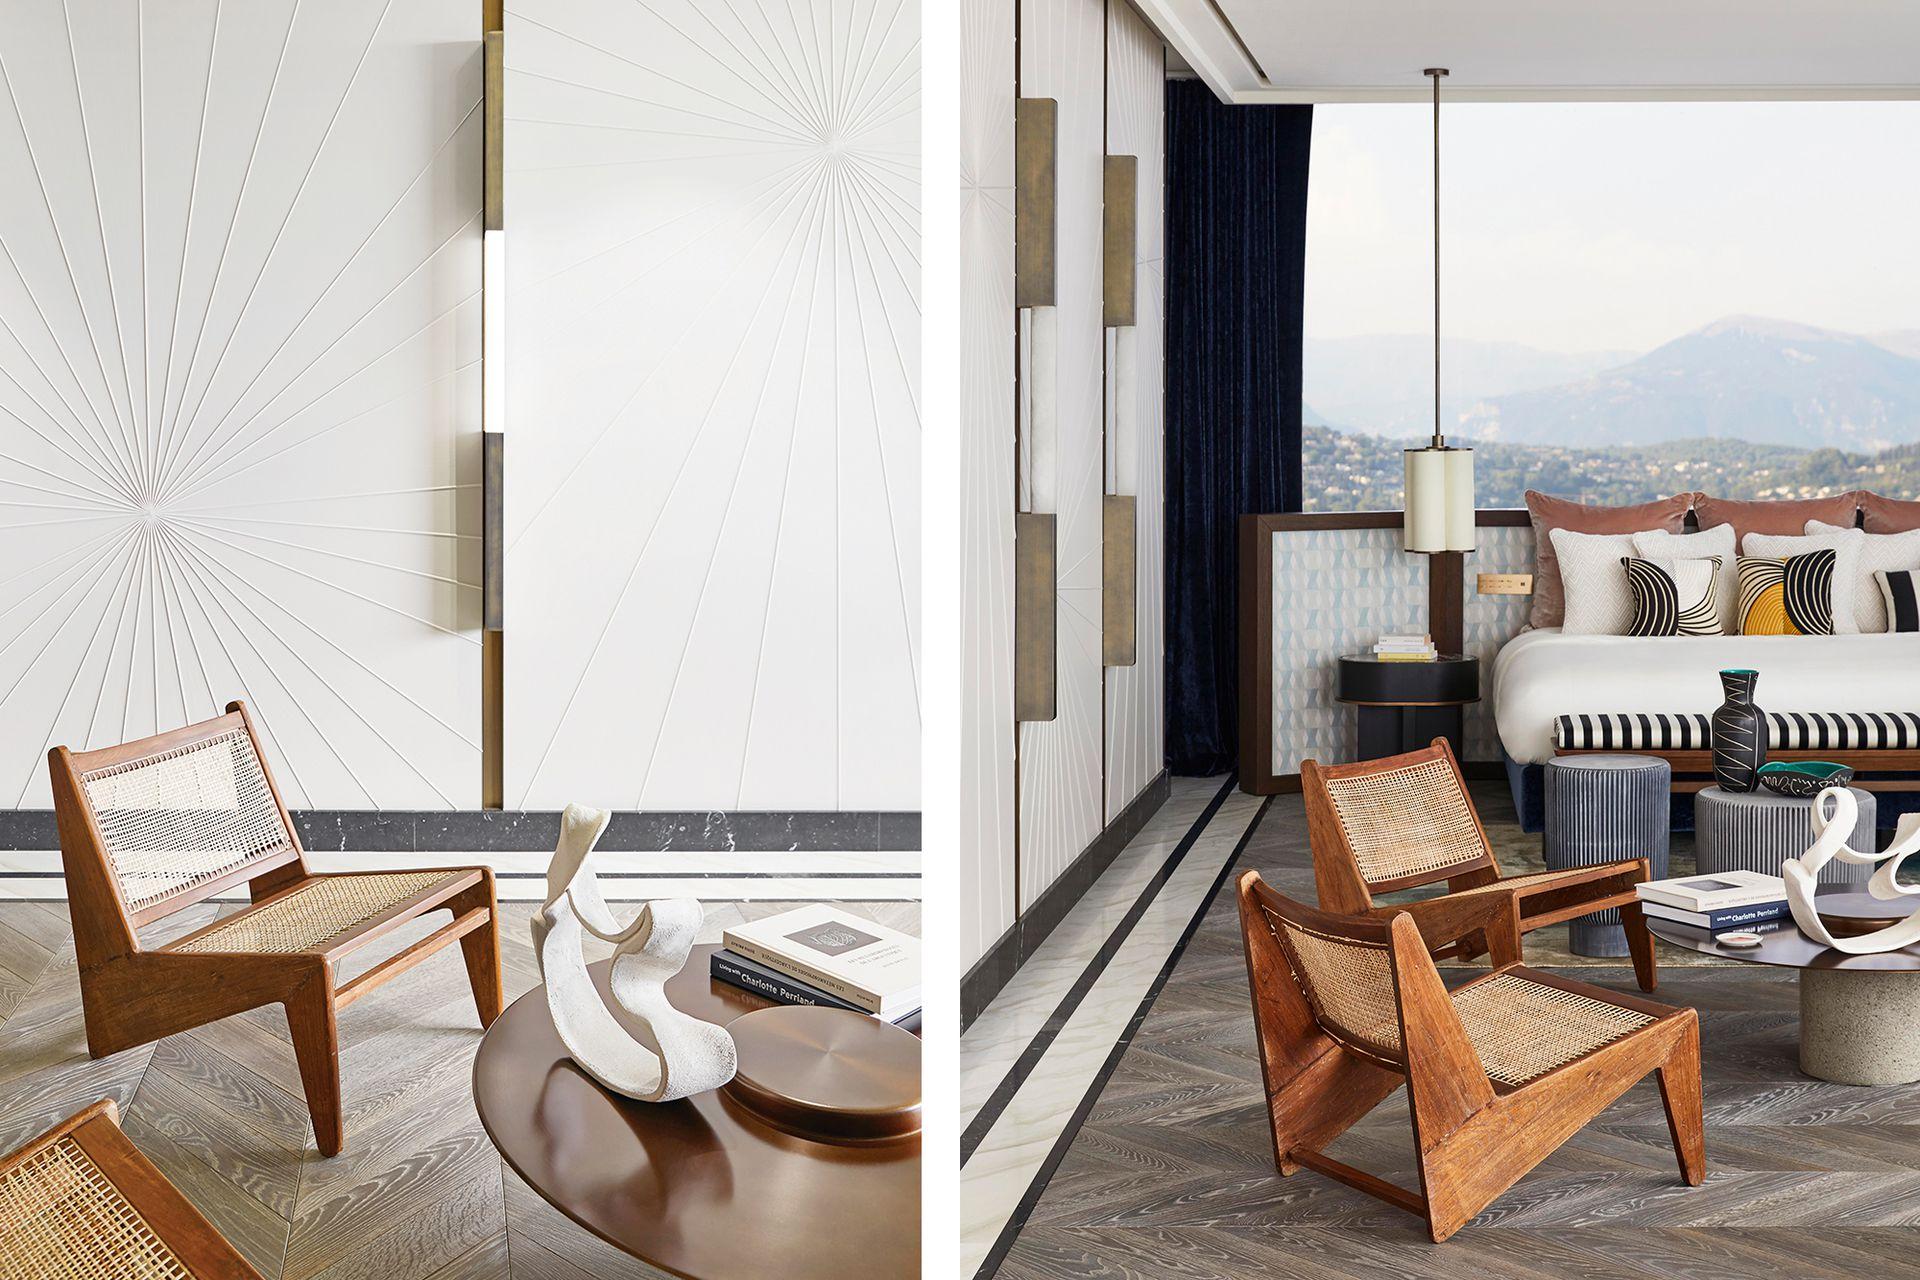 El respaldo de cama al estilo biombo se enteló con un motivo del artista óptico Victor Vasarely (Rubelli). Almohadones estampados (Pierre Frey).